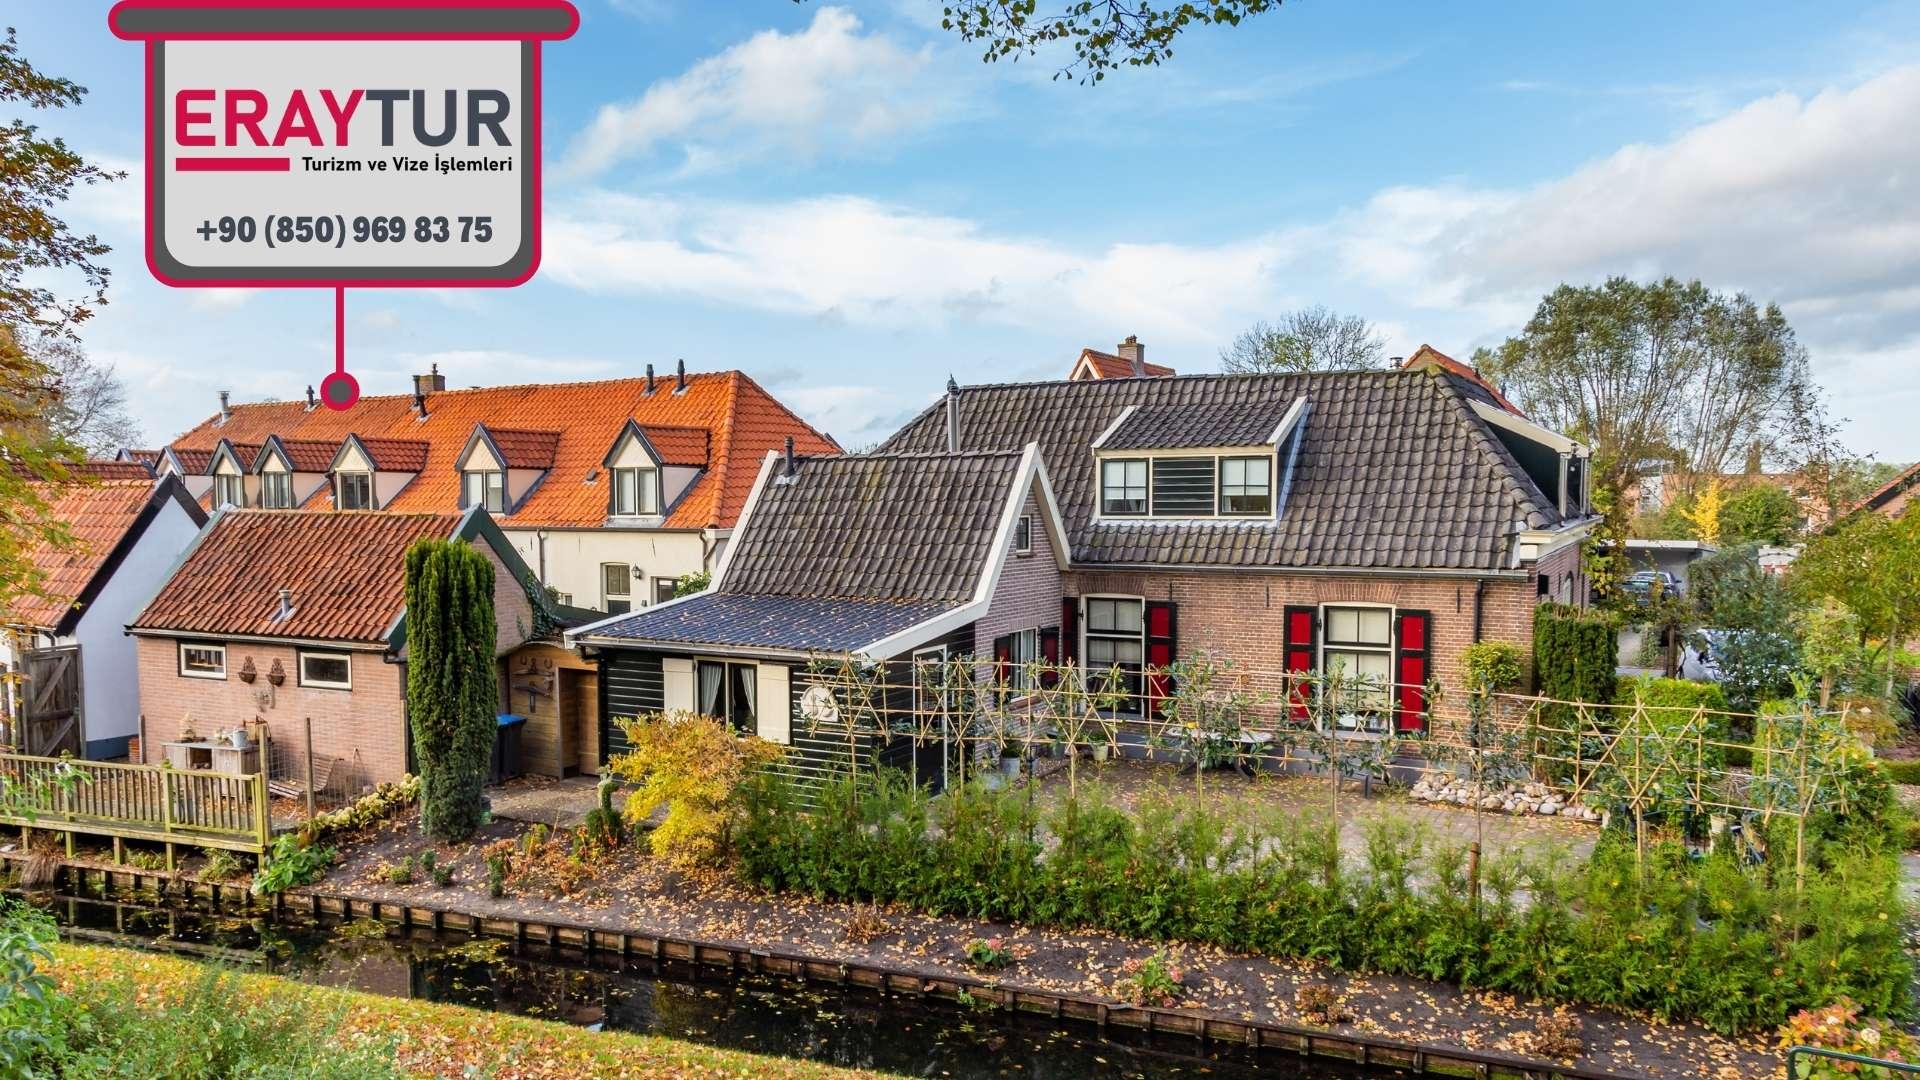 Hollanda Turistik Vizesi İçin Gerekli Evraklar